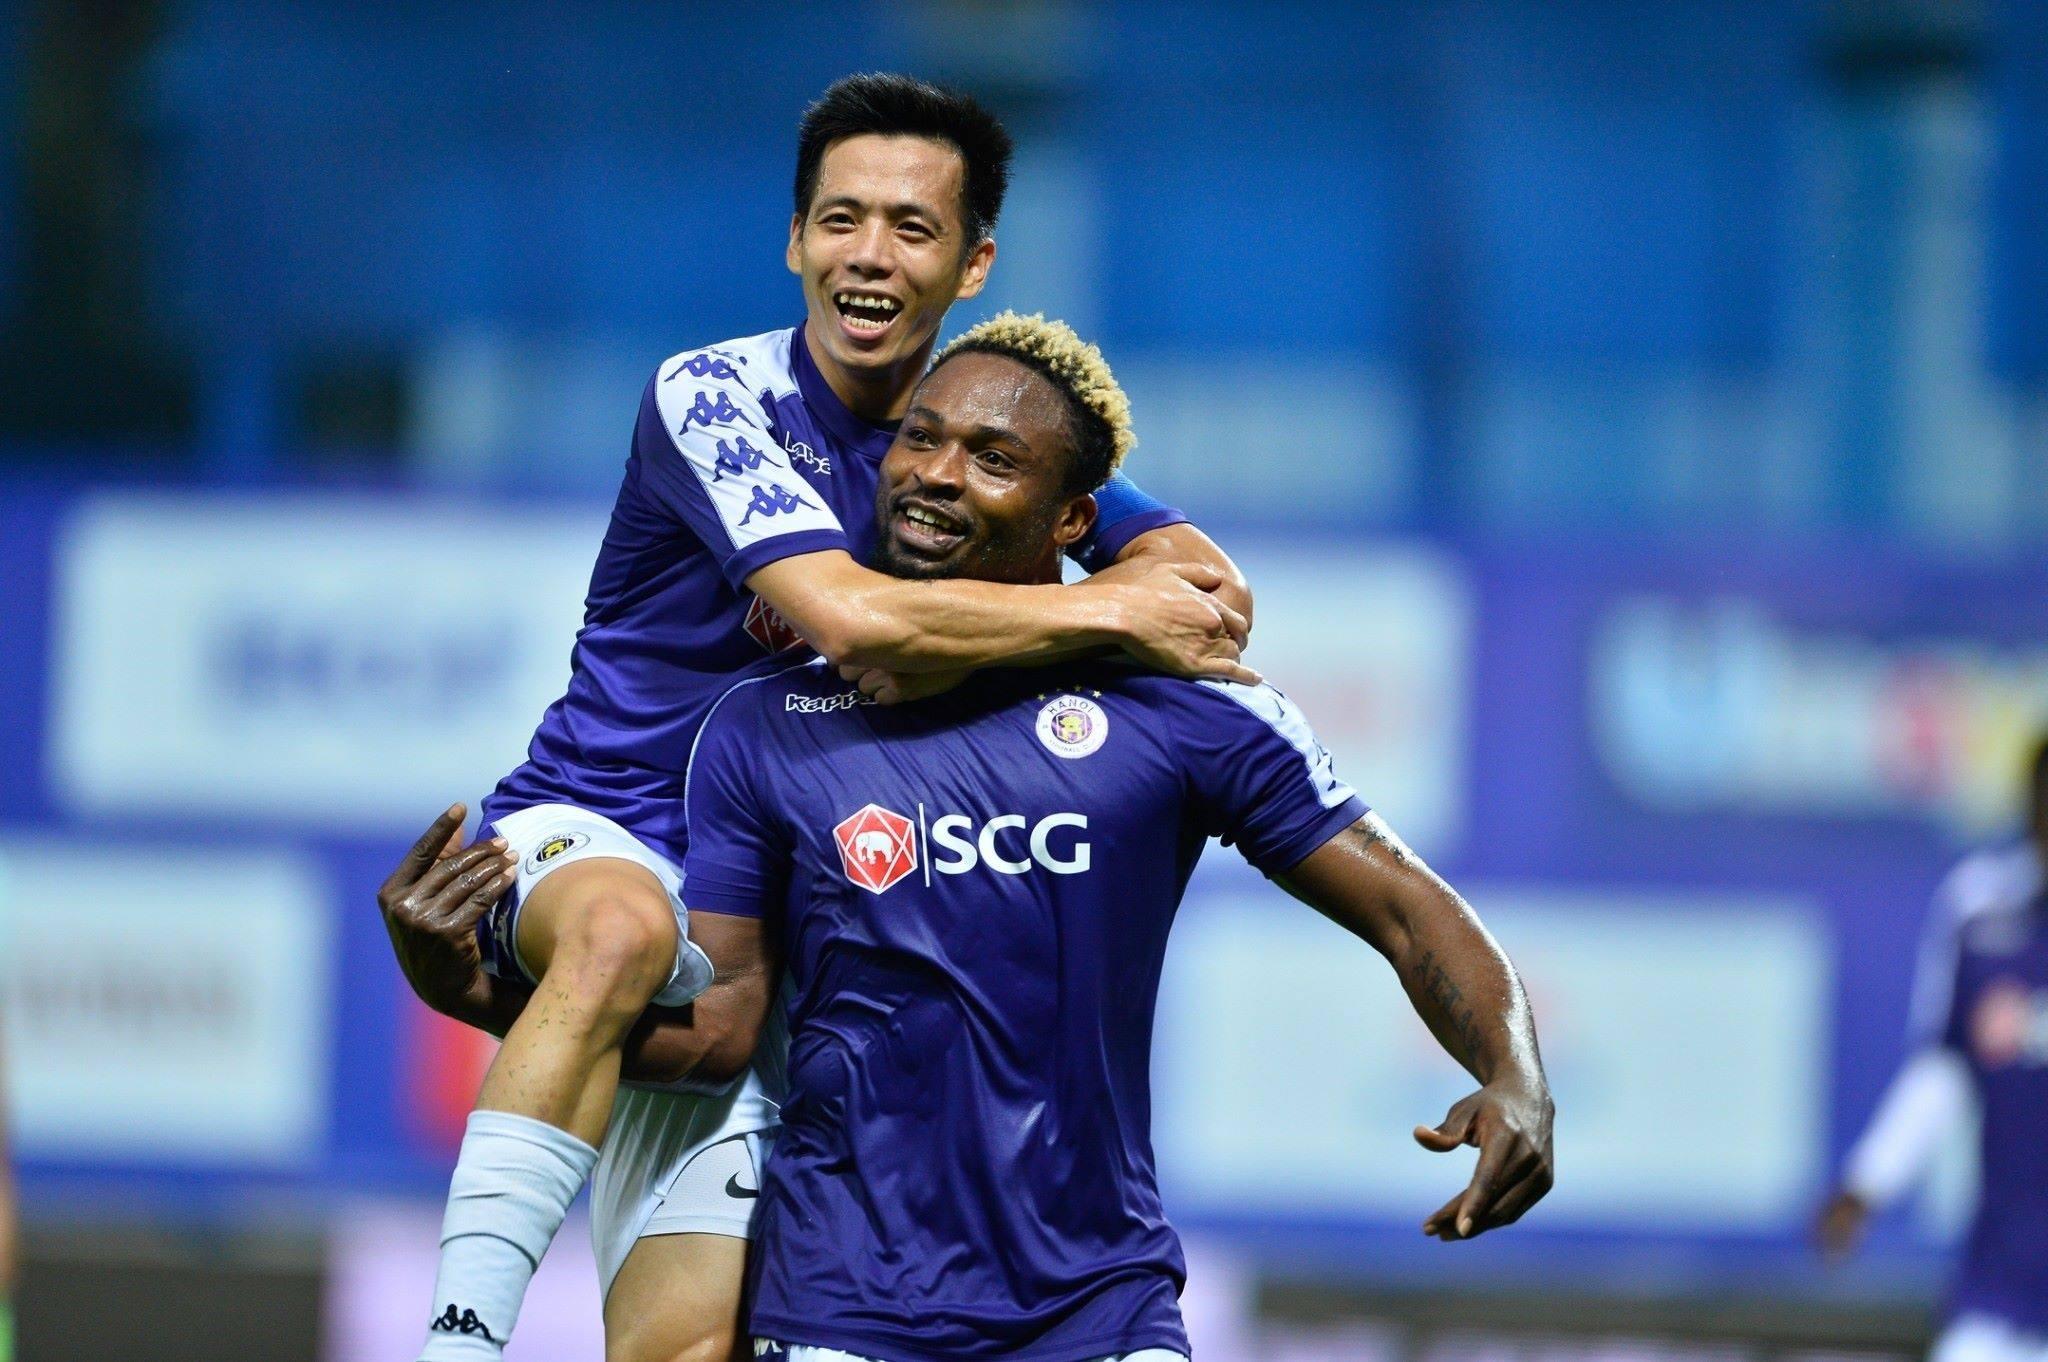 Văn Quyết ghi bàn, Hà Nội FC đánh bại